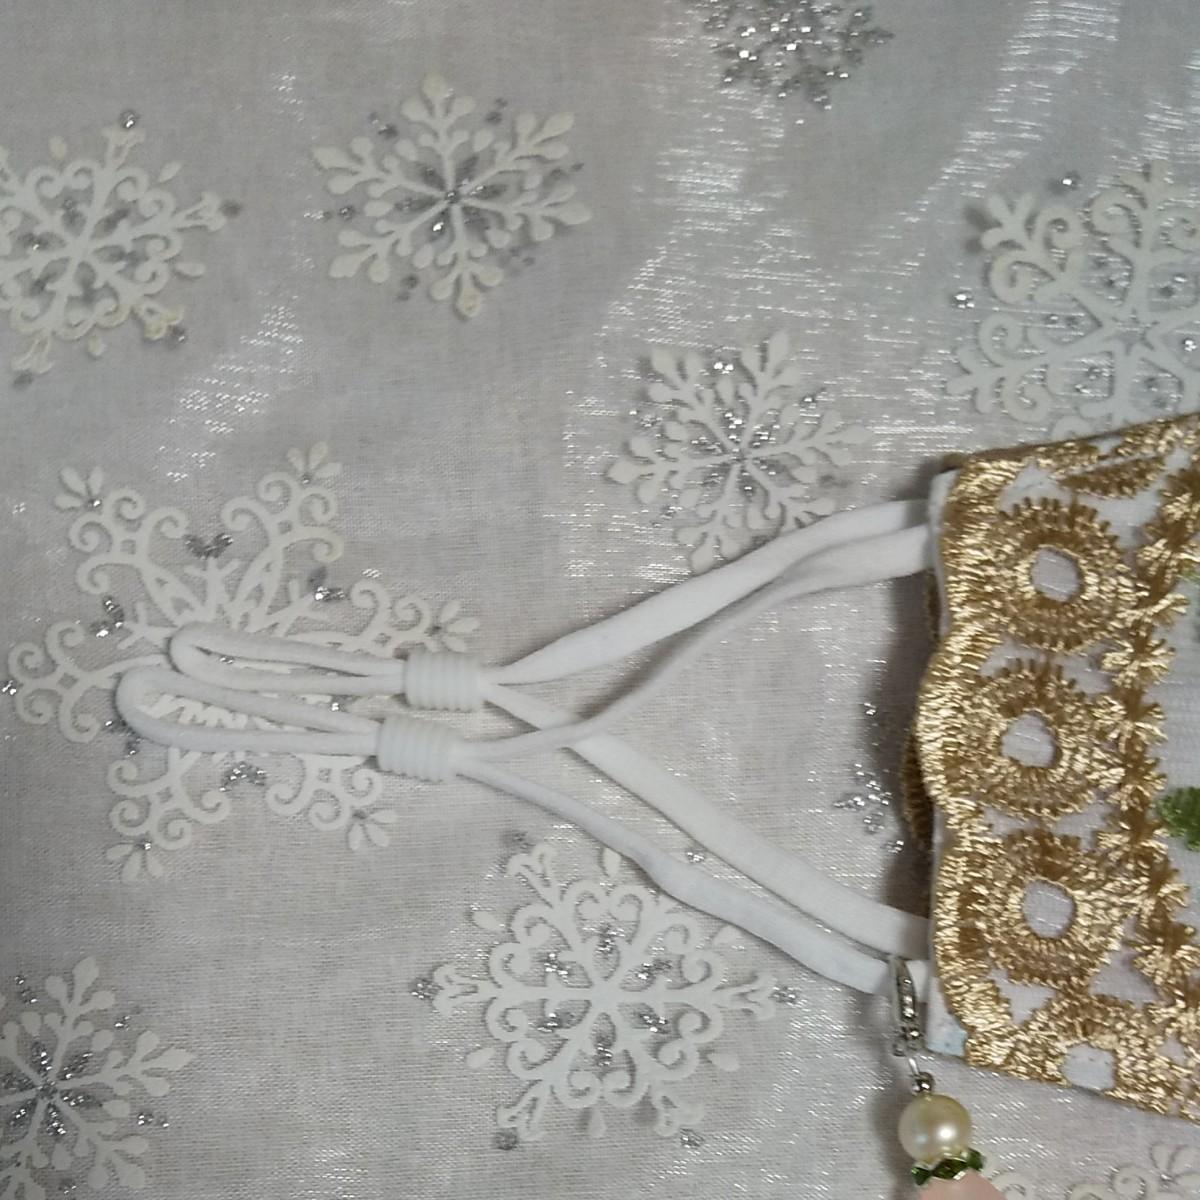 立体インナーハンドメイド、綿ガーゼチュール刺繍レース(ホワイト×ゴールド刺繍レース)(普通サイズ)アジャスター付、チャーム付